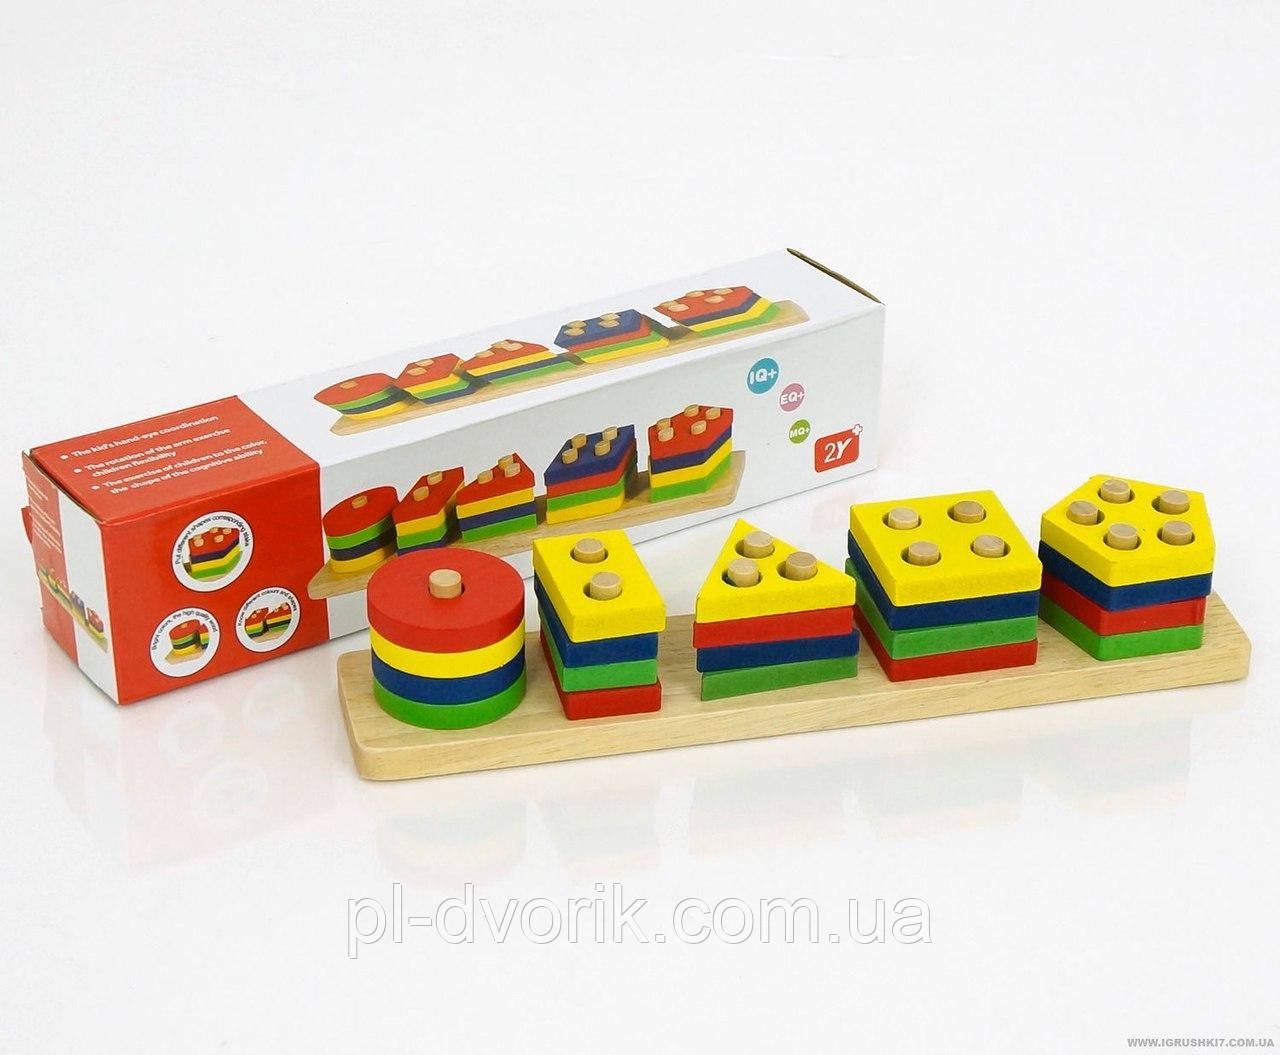 """Деревянная игра """"Пирамидка-Сортёр"""" 0368 (70) в коробке  Длина:31 см  Ширина:6 см  Высота:7 см  цена 107"""